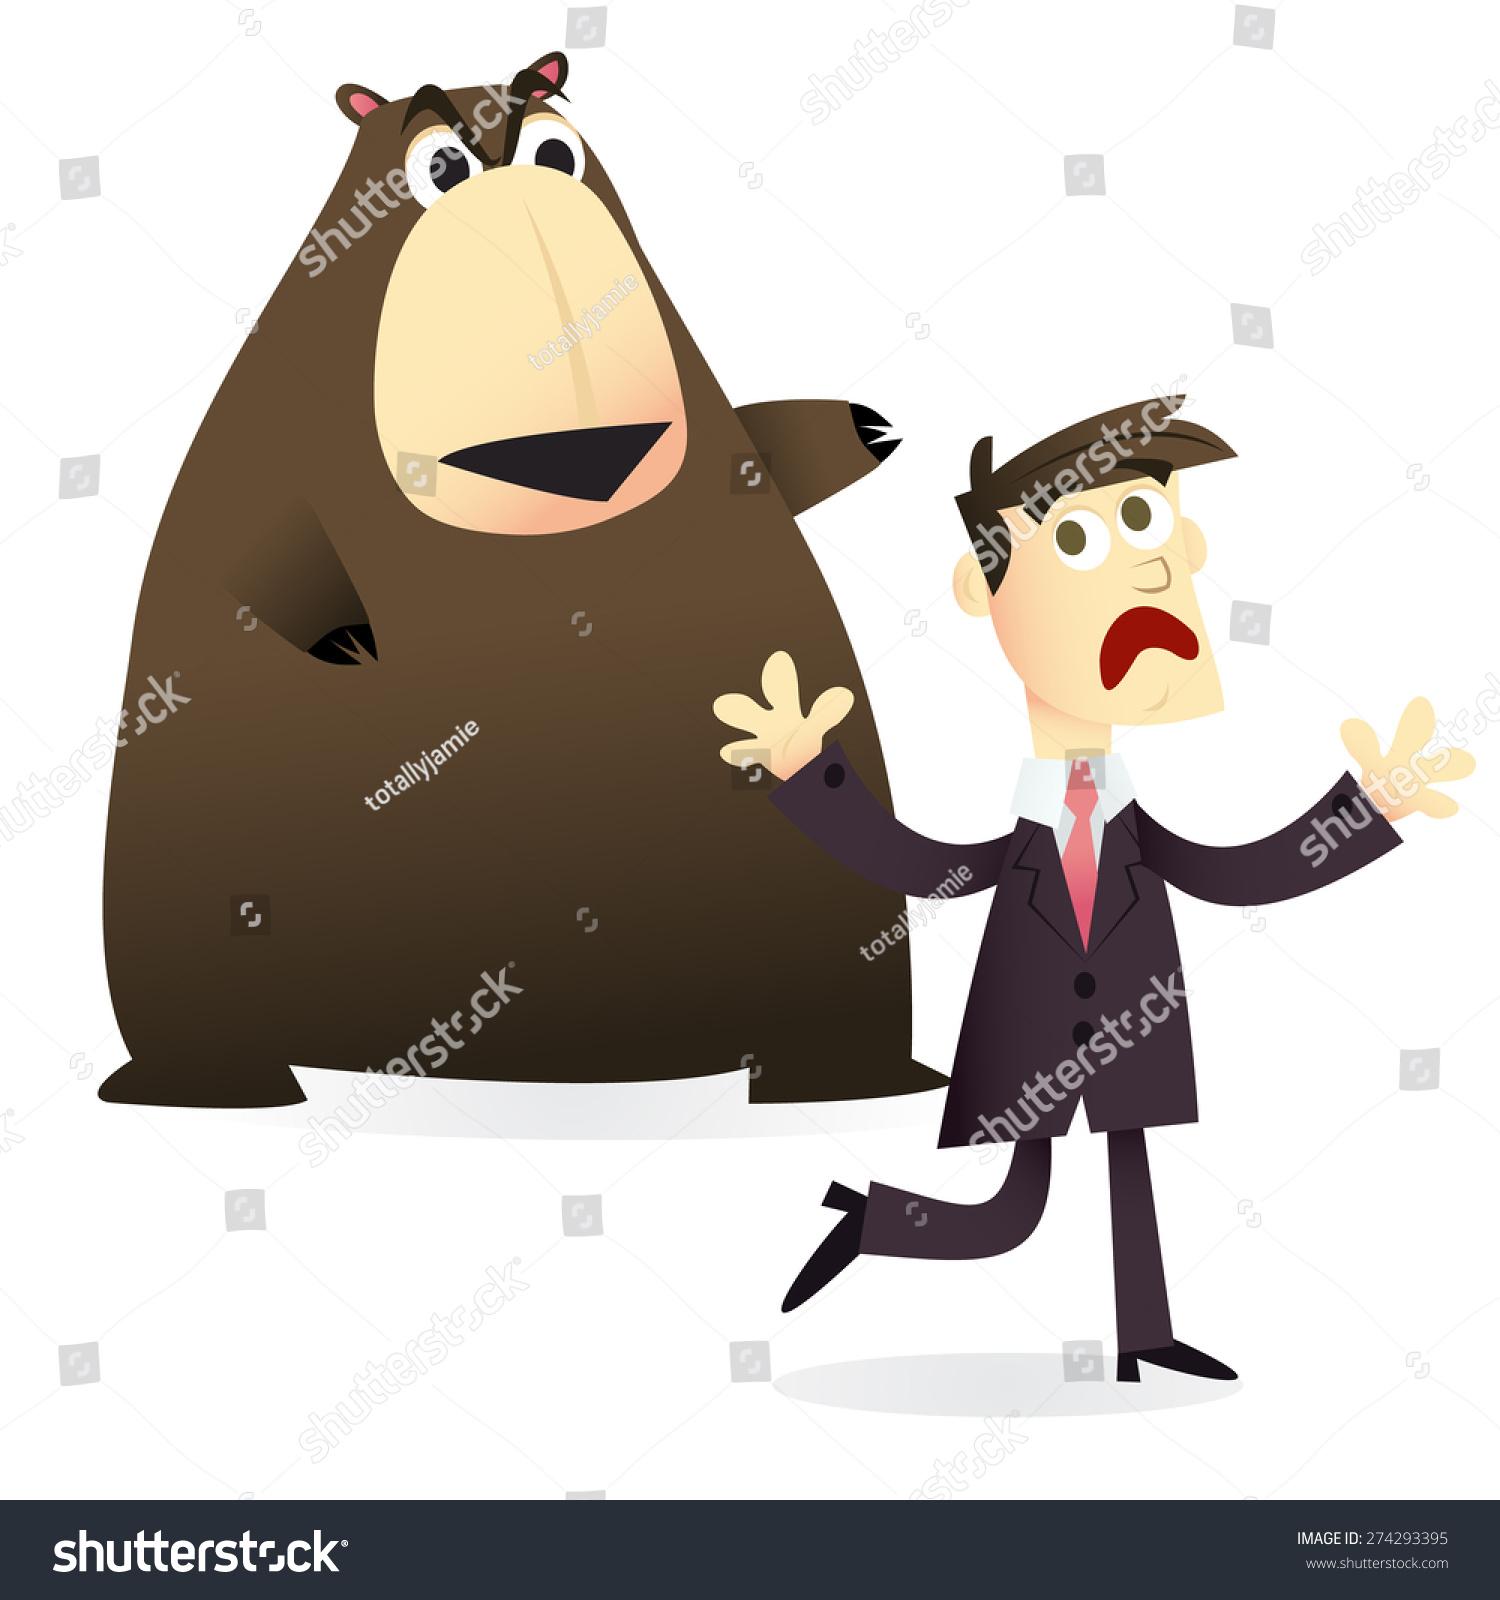 商业/金融理念的卡通矢量图:一个人害怕熊市